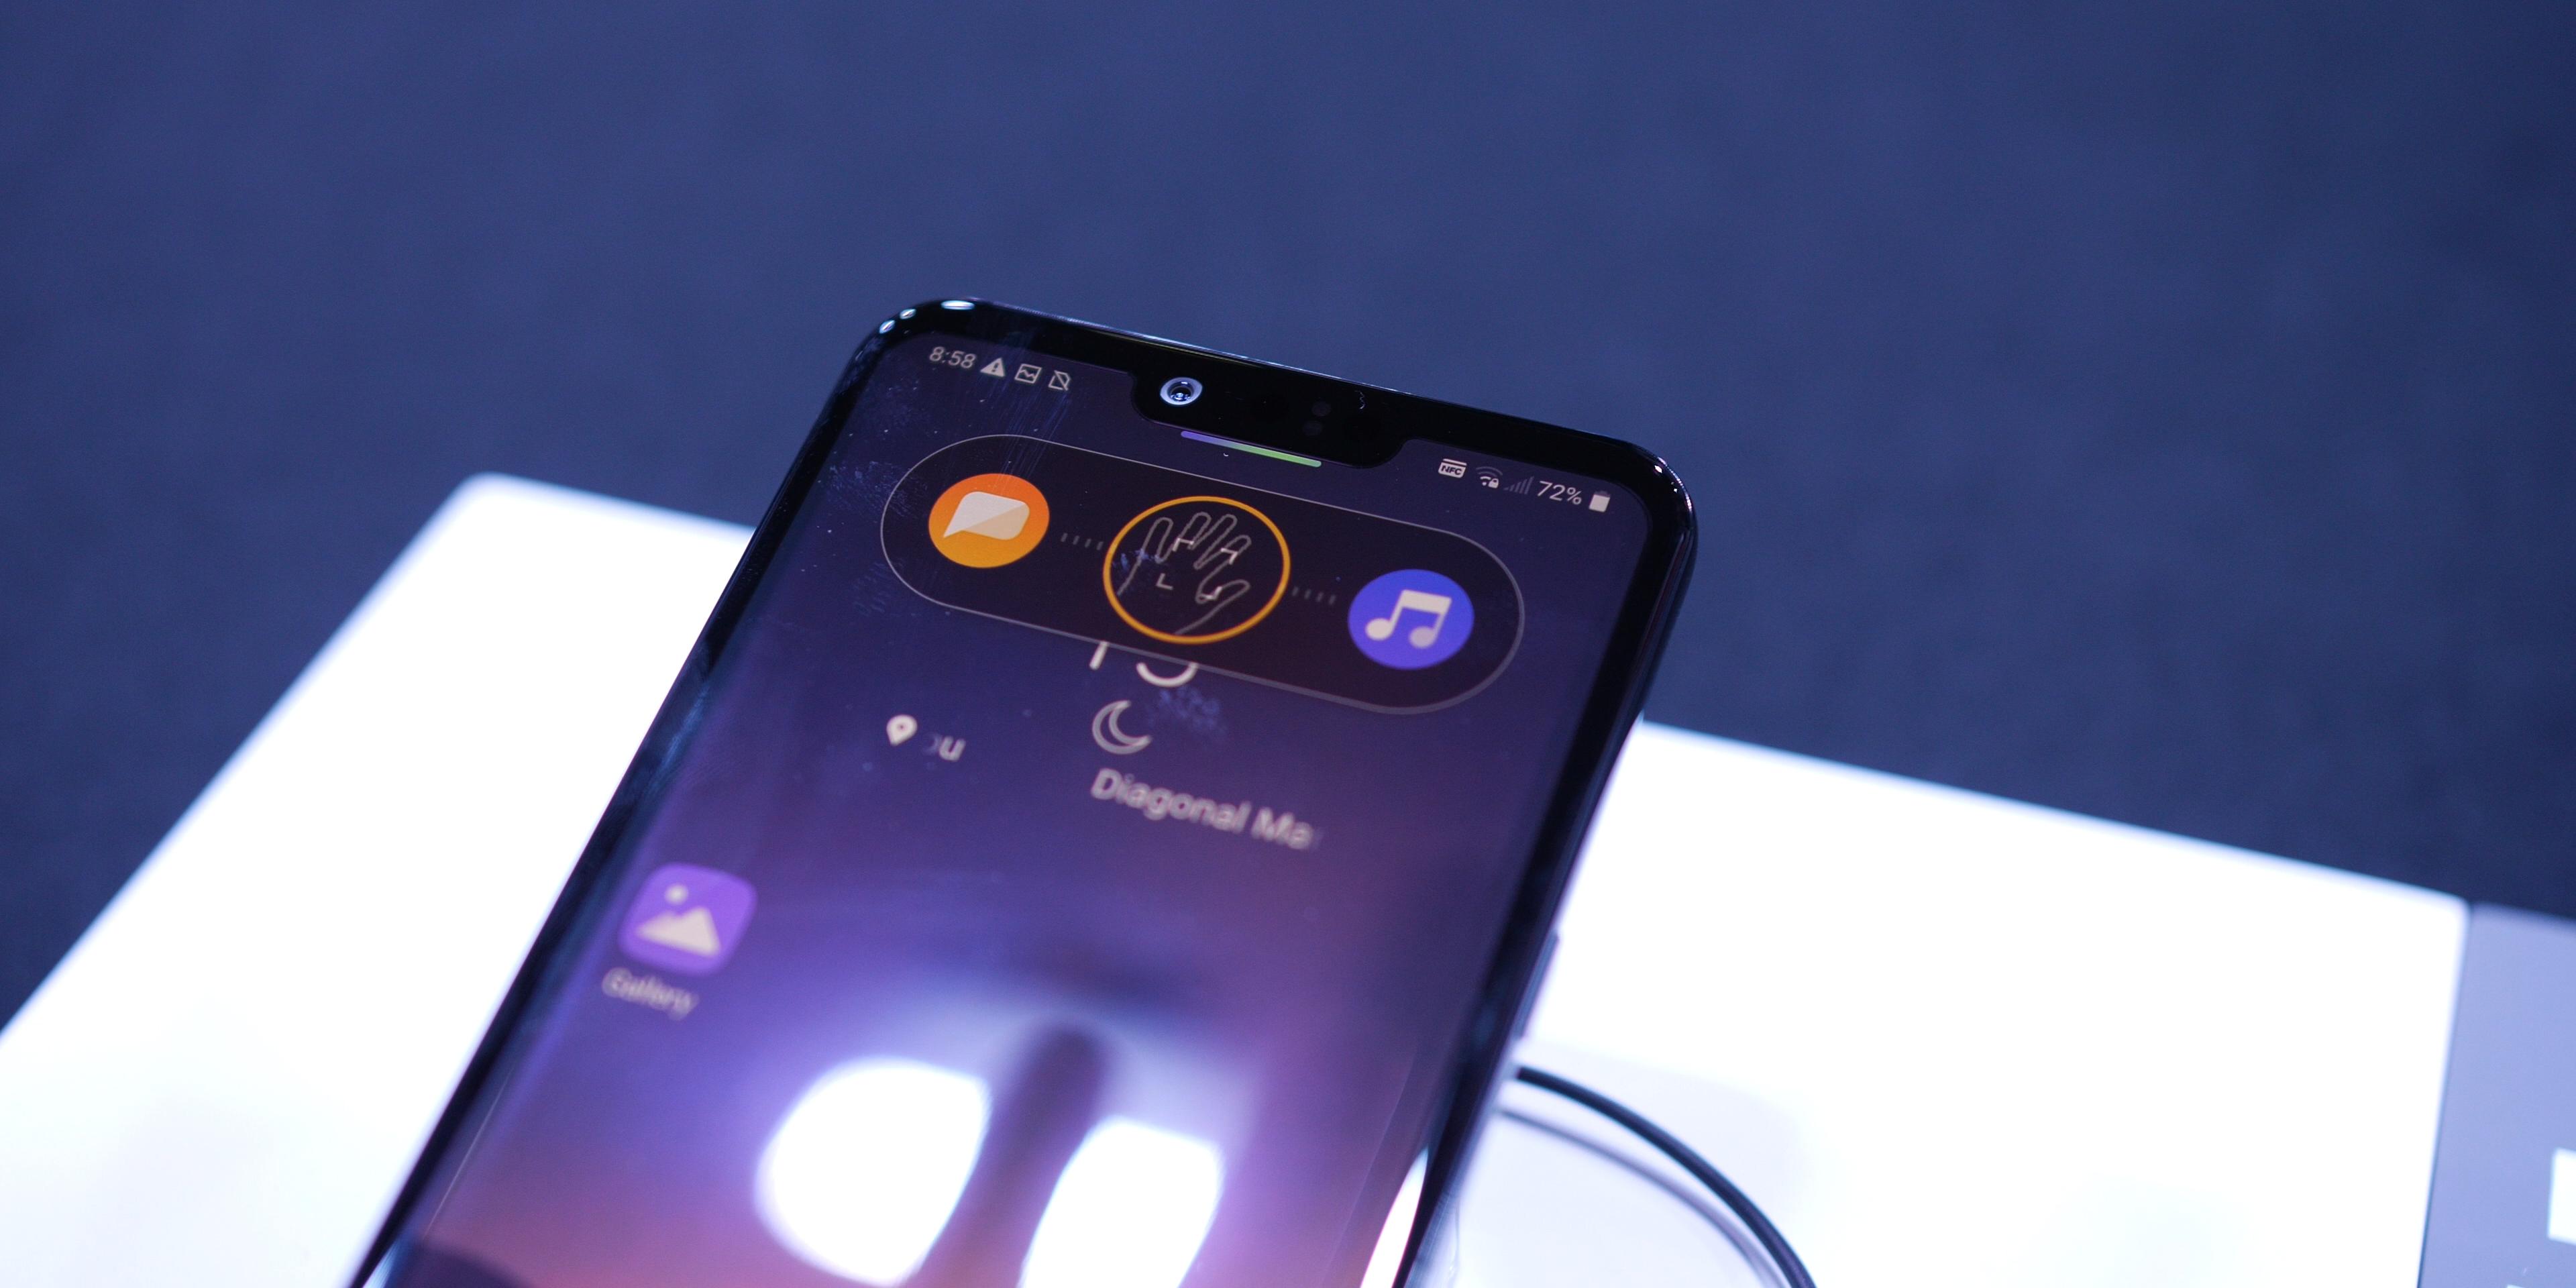 LG G8 ThinQ Air Motion controls